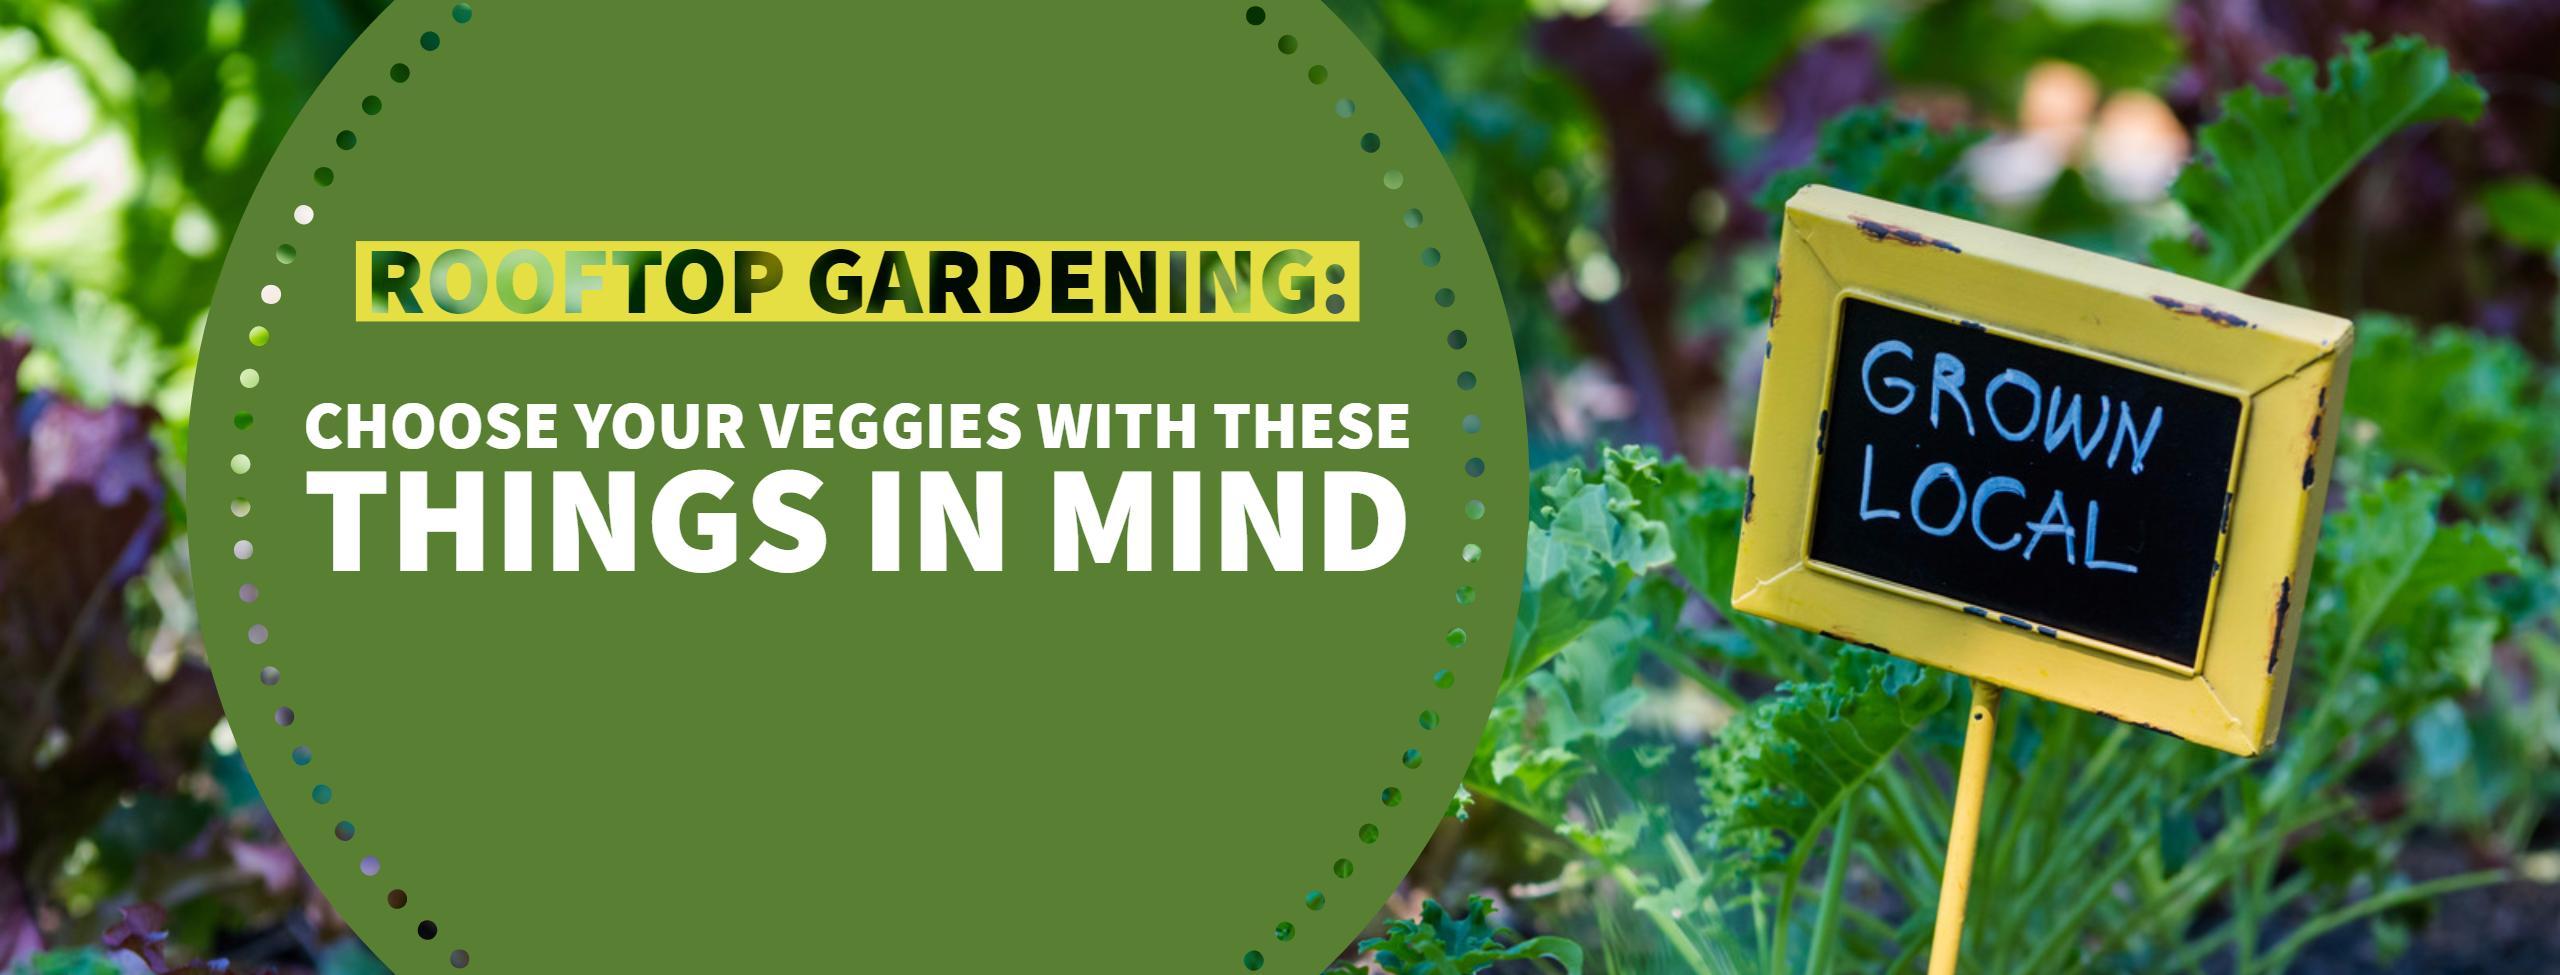 Anne Roberts Gardens rooftop-gardens-1